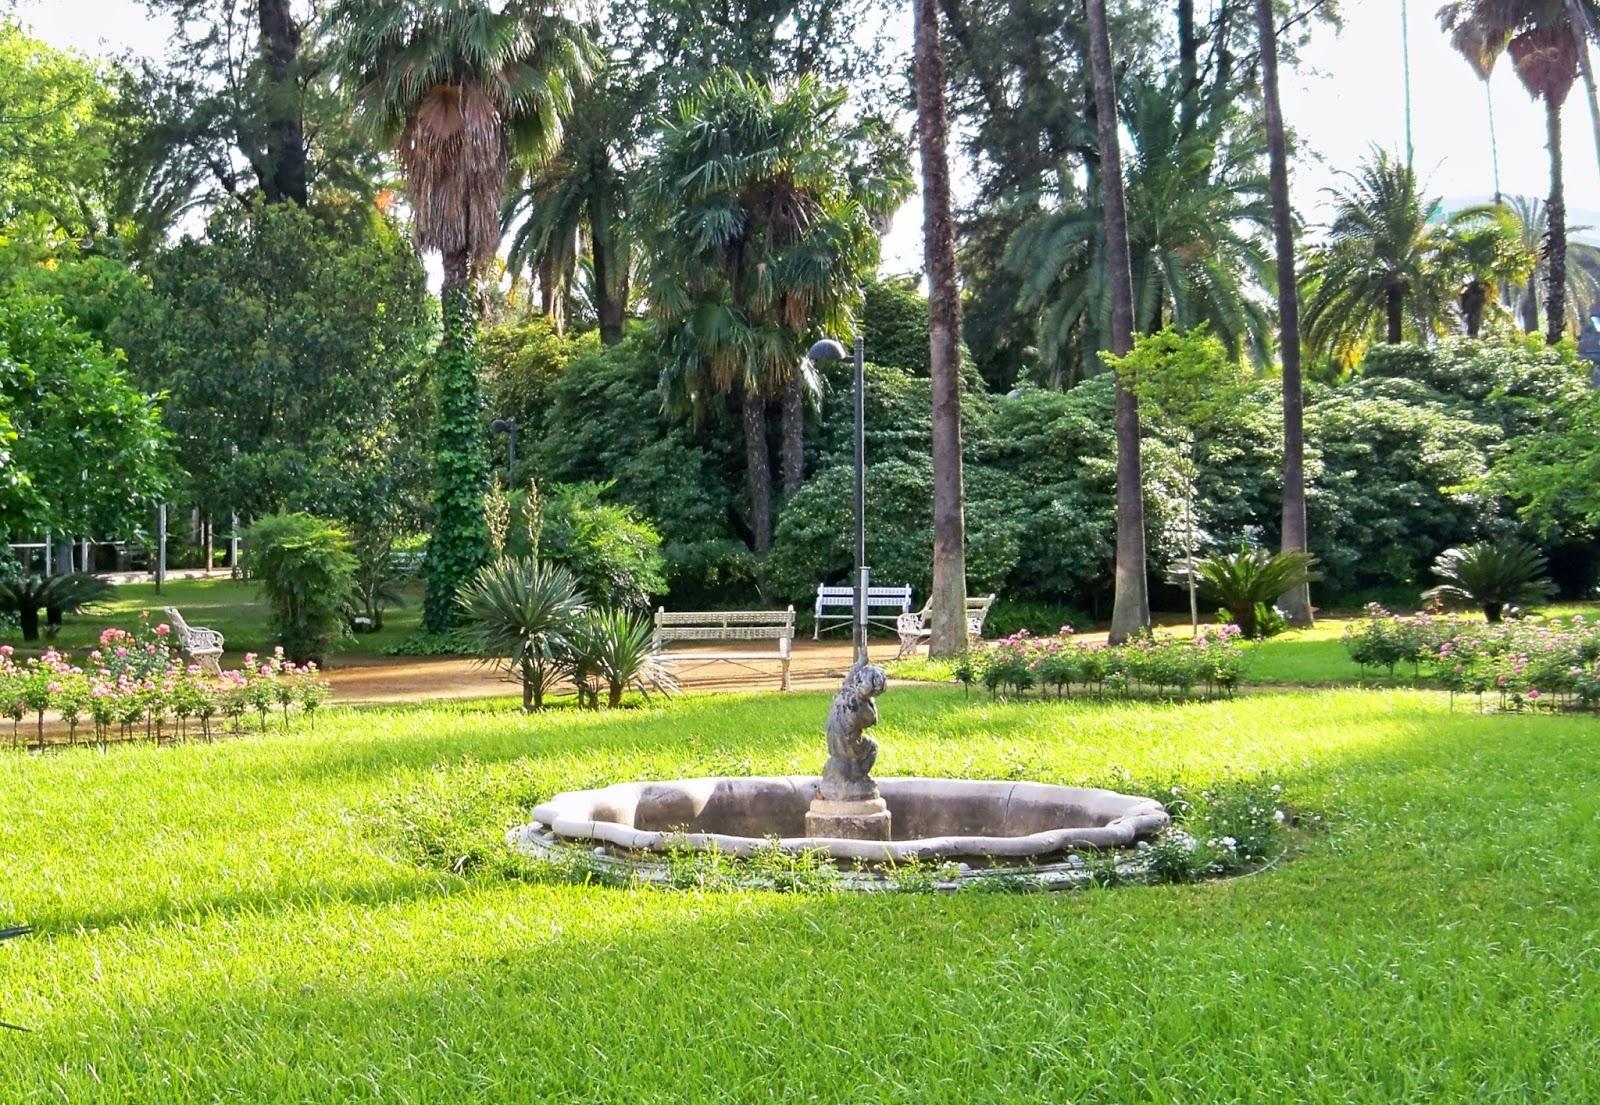 Gel n noticias la plataforma ciudadana por los parques for El jardin romantico